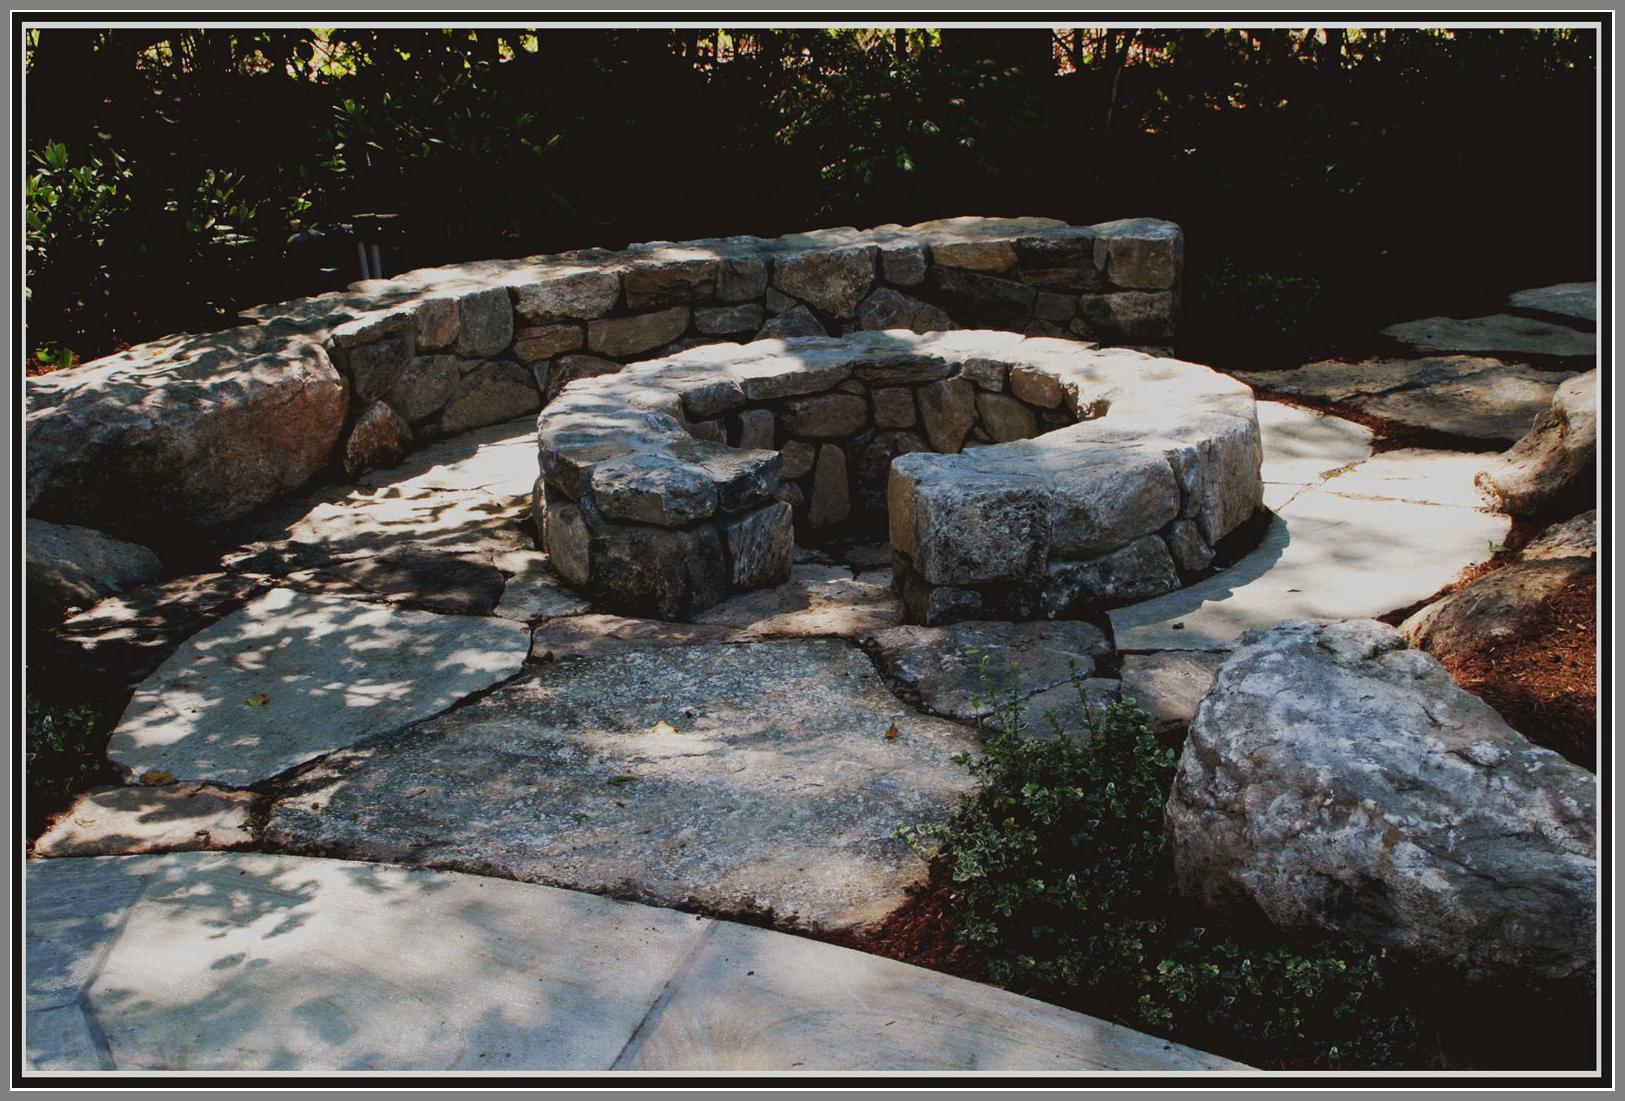 Field Stone fire pit